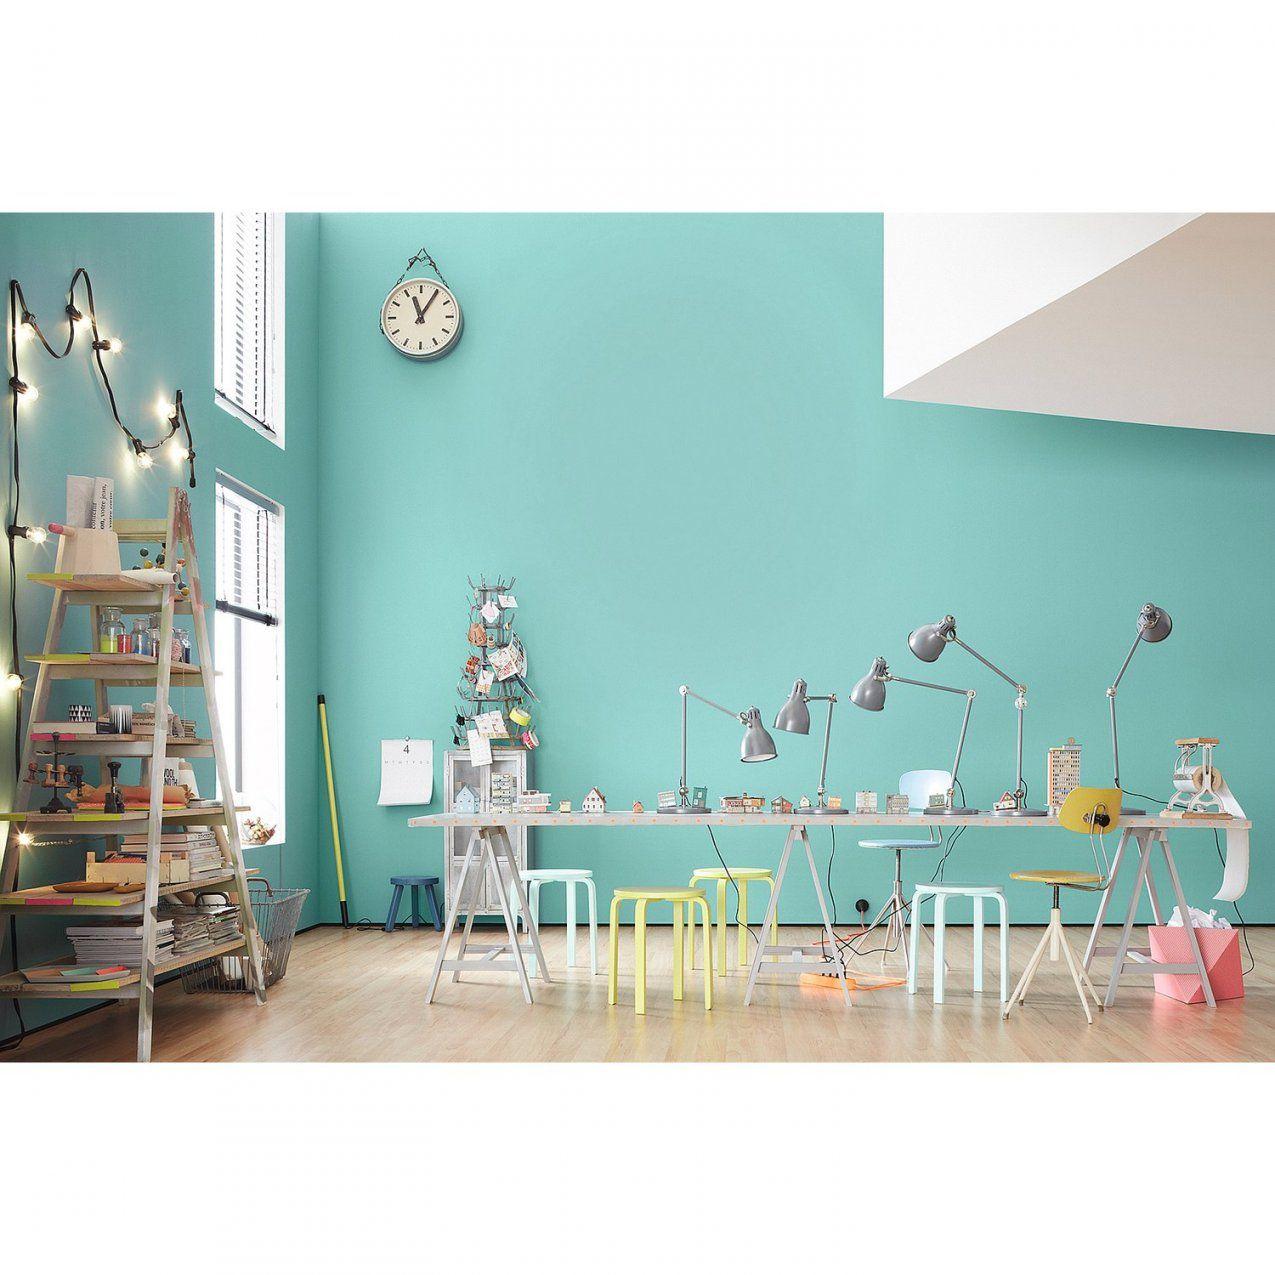 Schöner Wohnen Trendfarbe Frozen Seidenglänzend 25 L Kaufen Bei Obi von Schöner Wohnen Farbe Petrol Bild